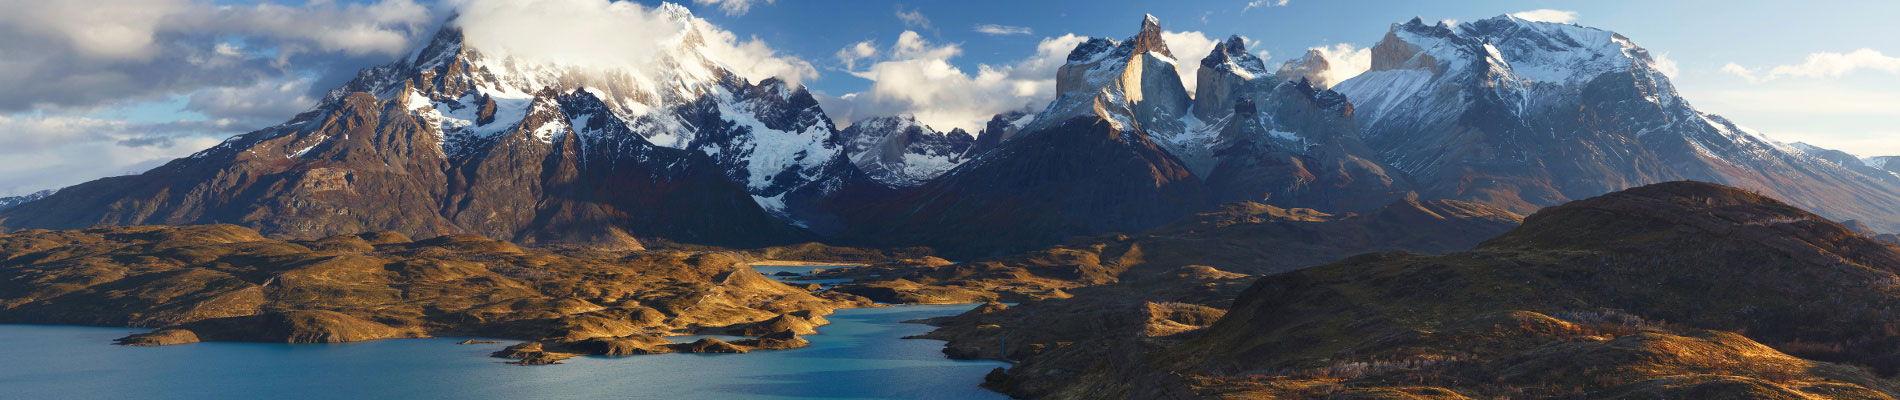 chili-parc-torres-del-paine-glacier-st